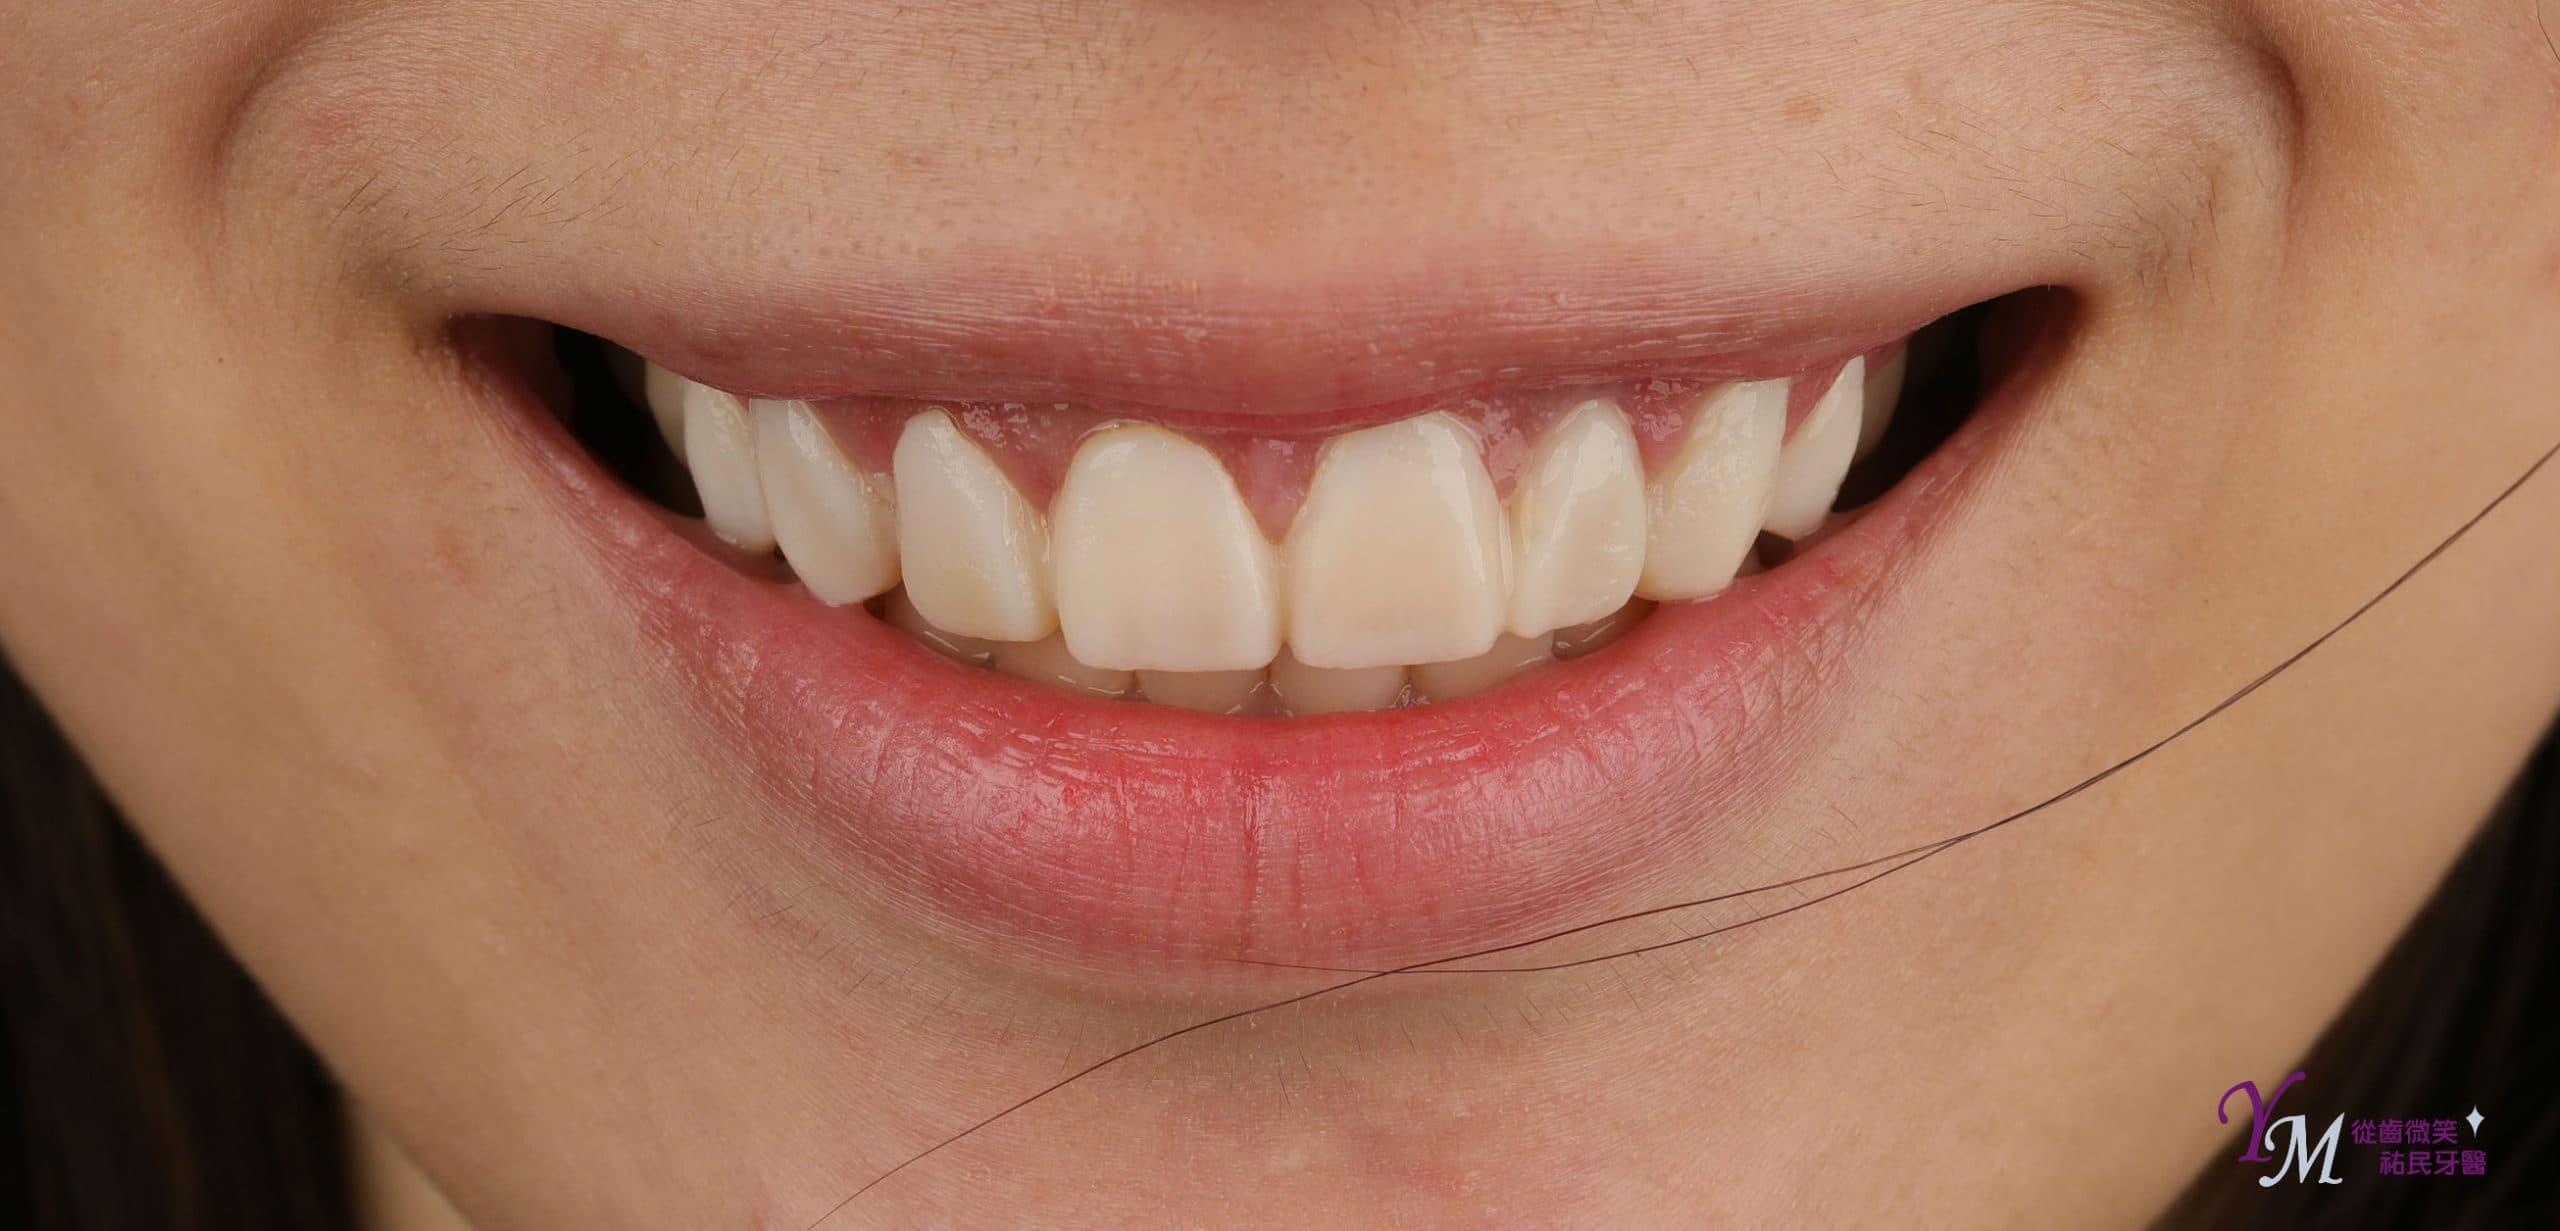 在正式裝上貼片或全瓷冠前,我們會先使用臨時假牙,看到實際設計的樣子,如果對於設計的樣子不滿意,還可以與醫師做最後一次的溝通修改,完全依個人喜好做客製需求。